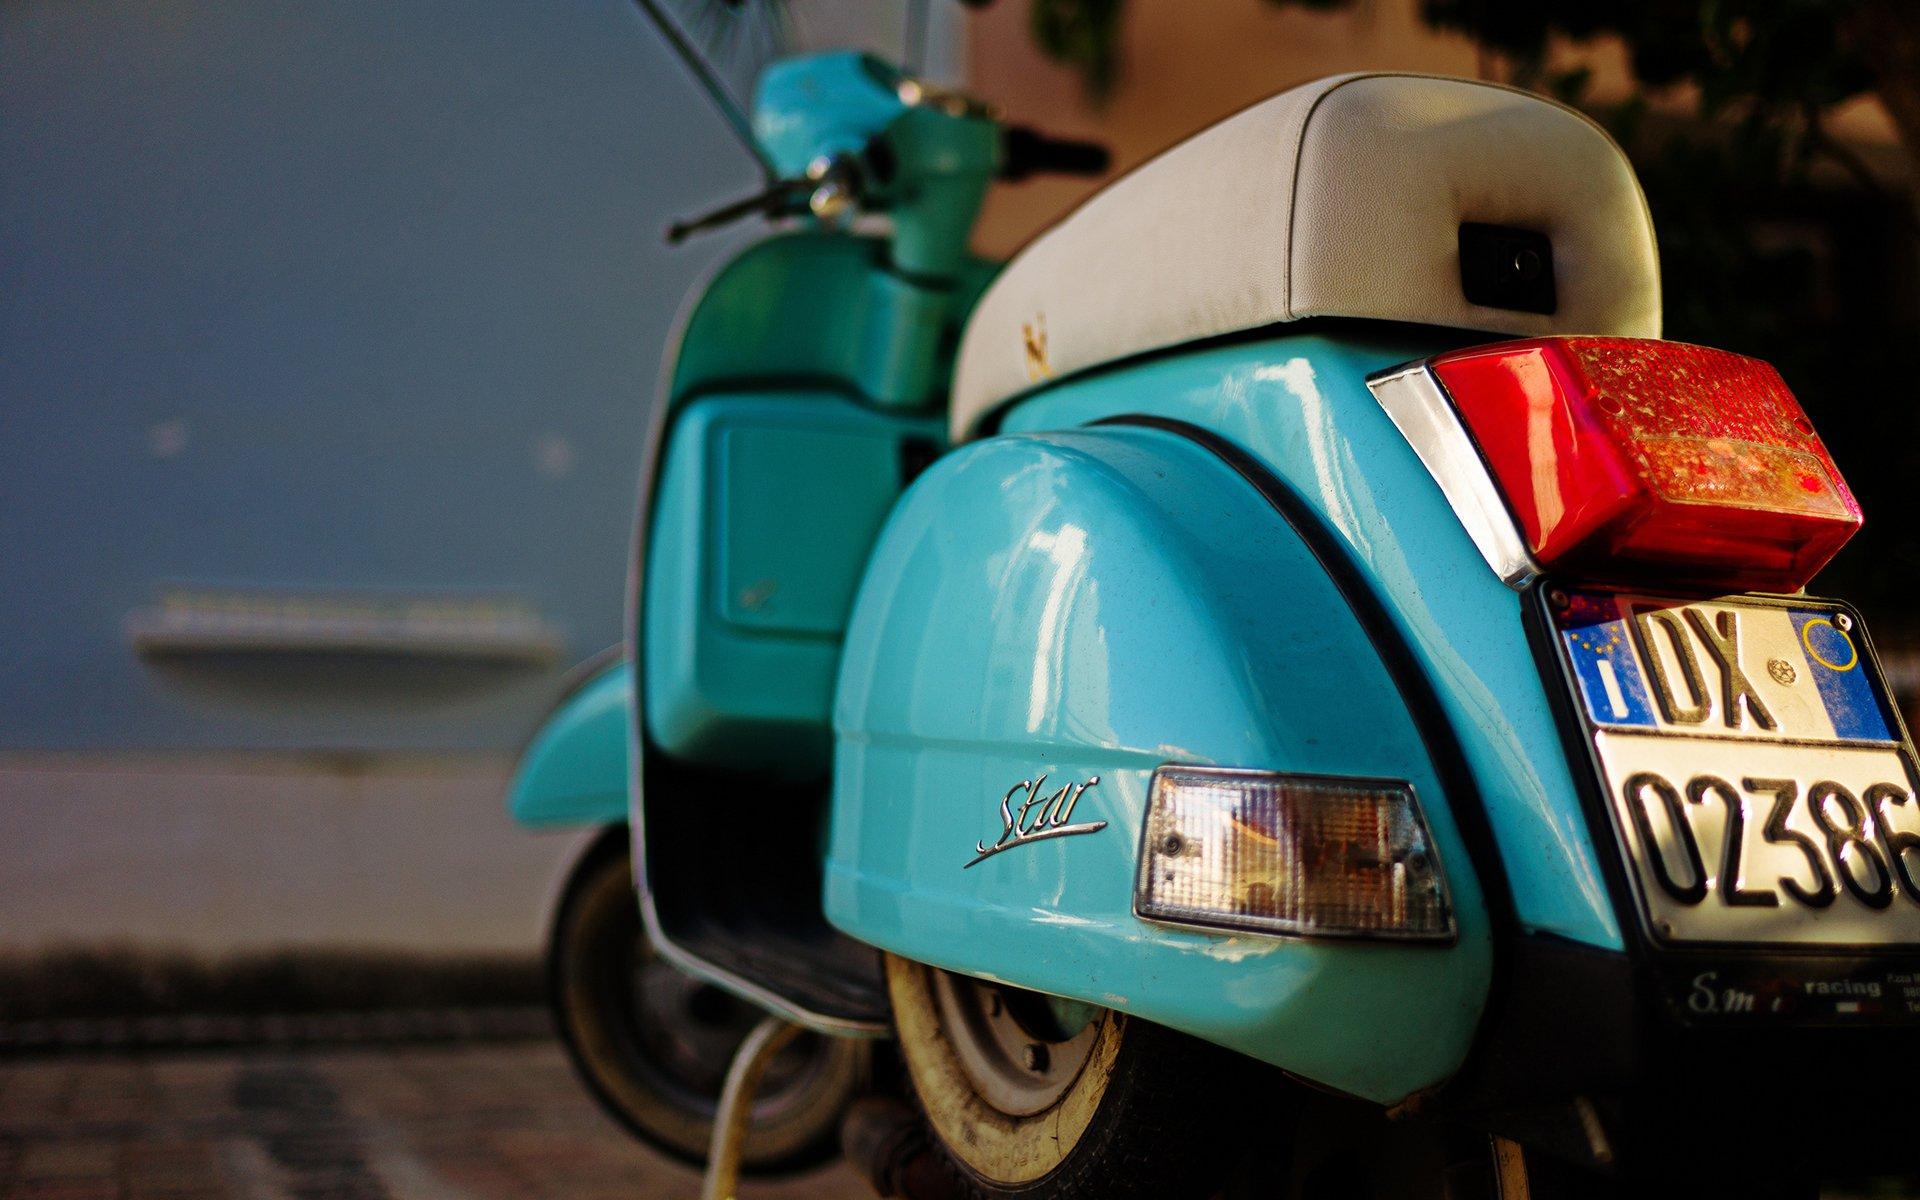 scooter widescreen computer wallpaper 566